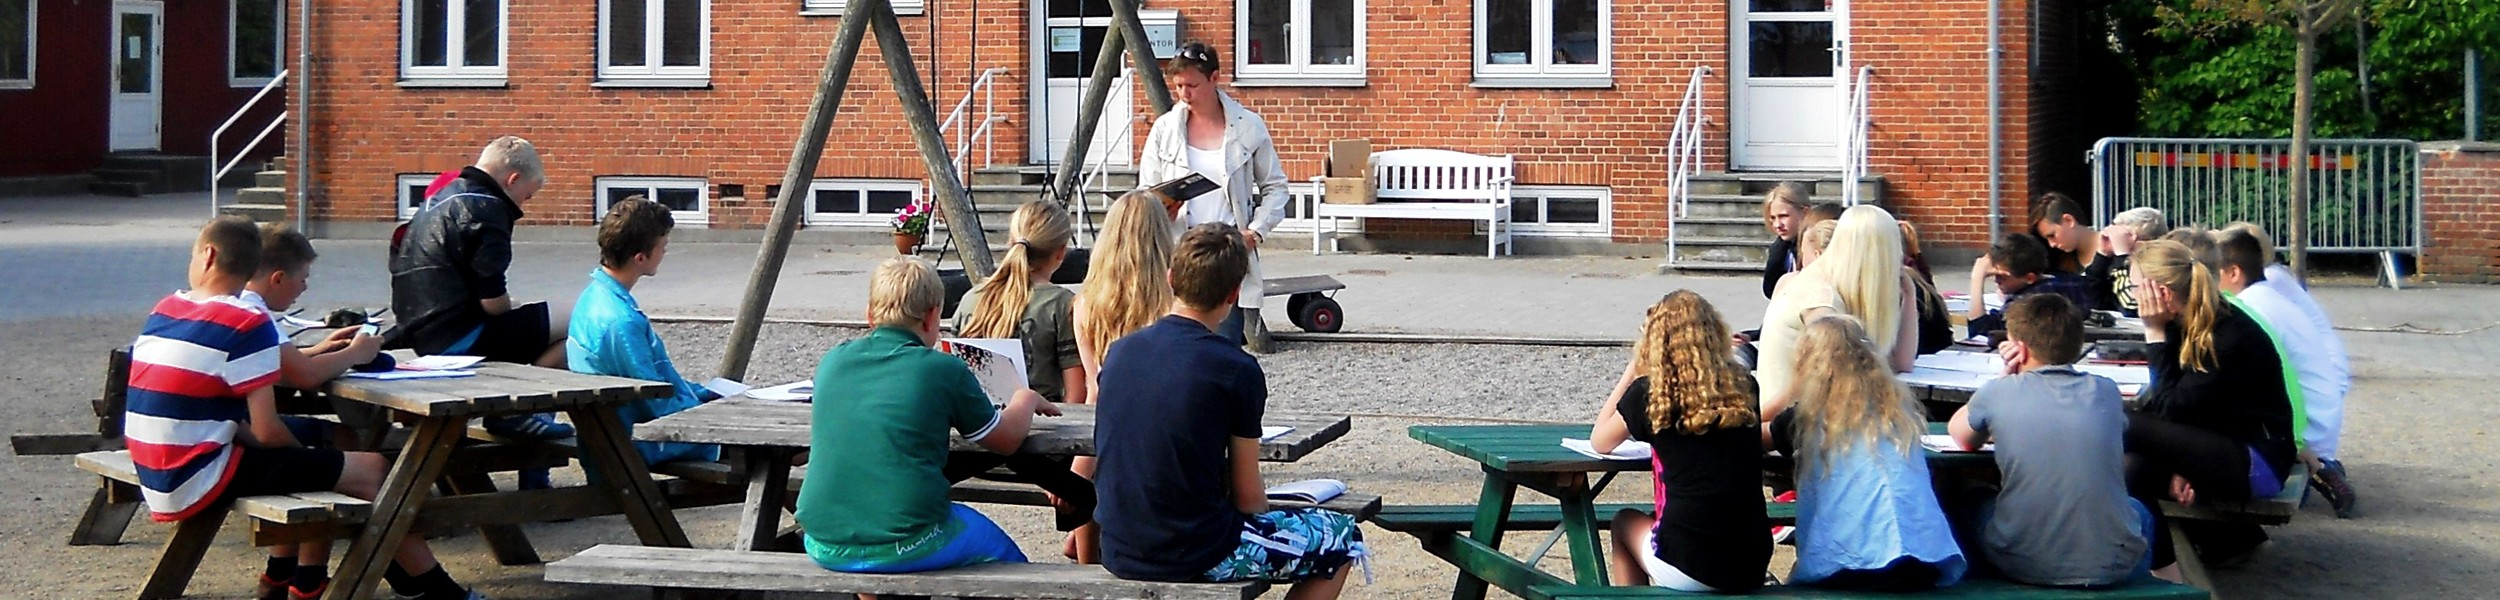 Vores historie om Spjellerup Friskole og fribørnehave